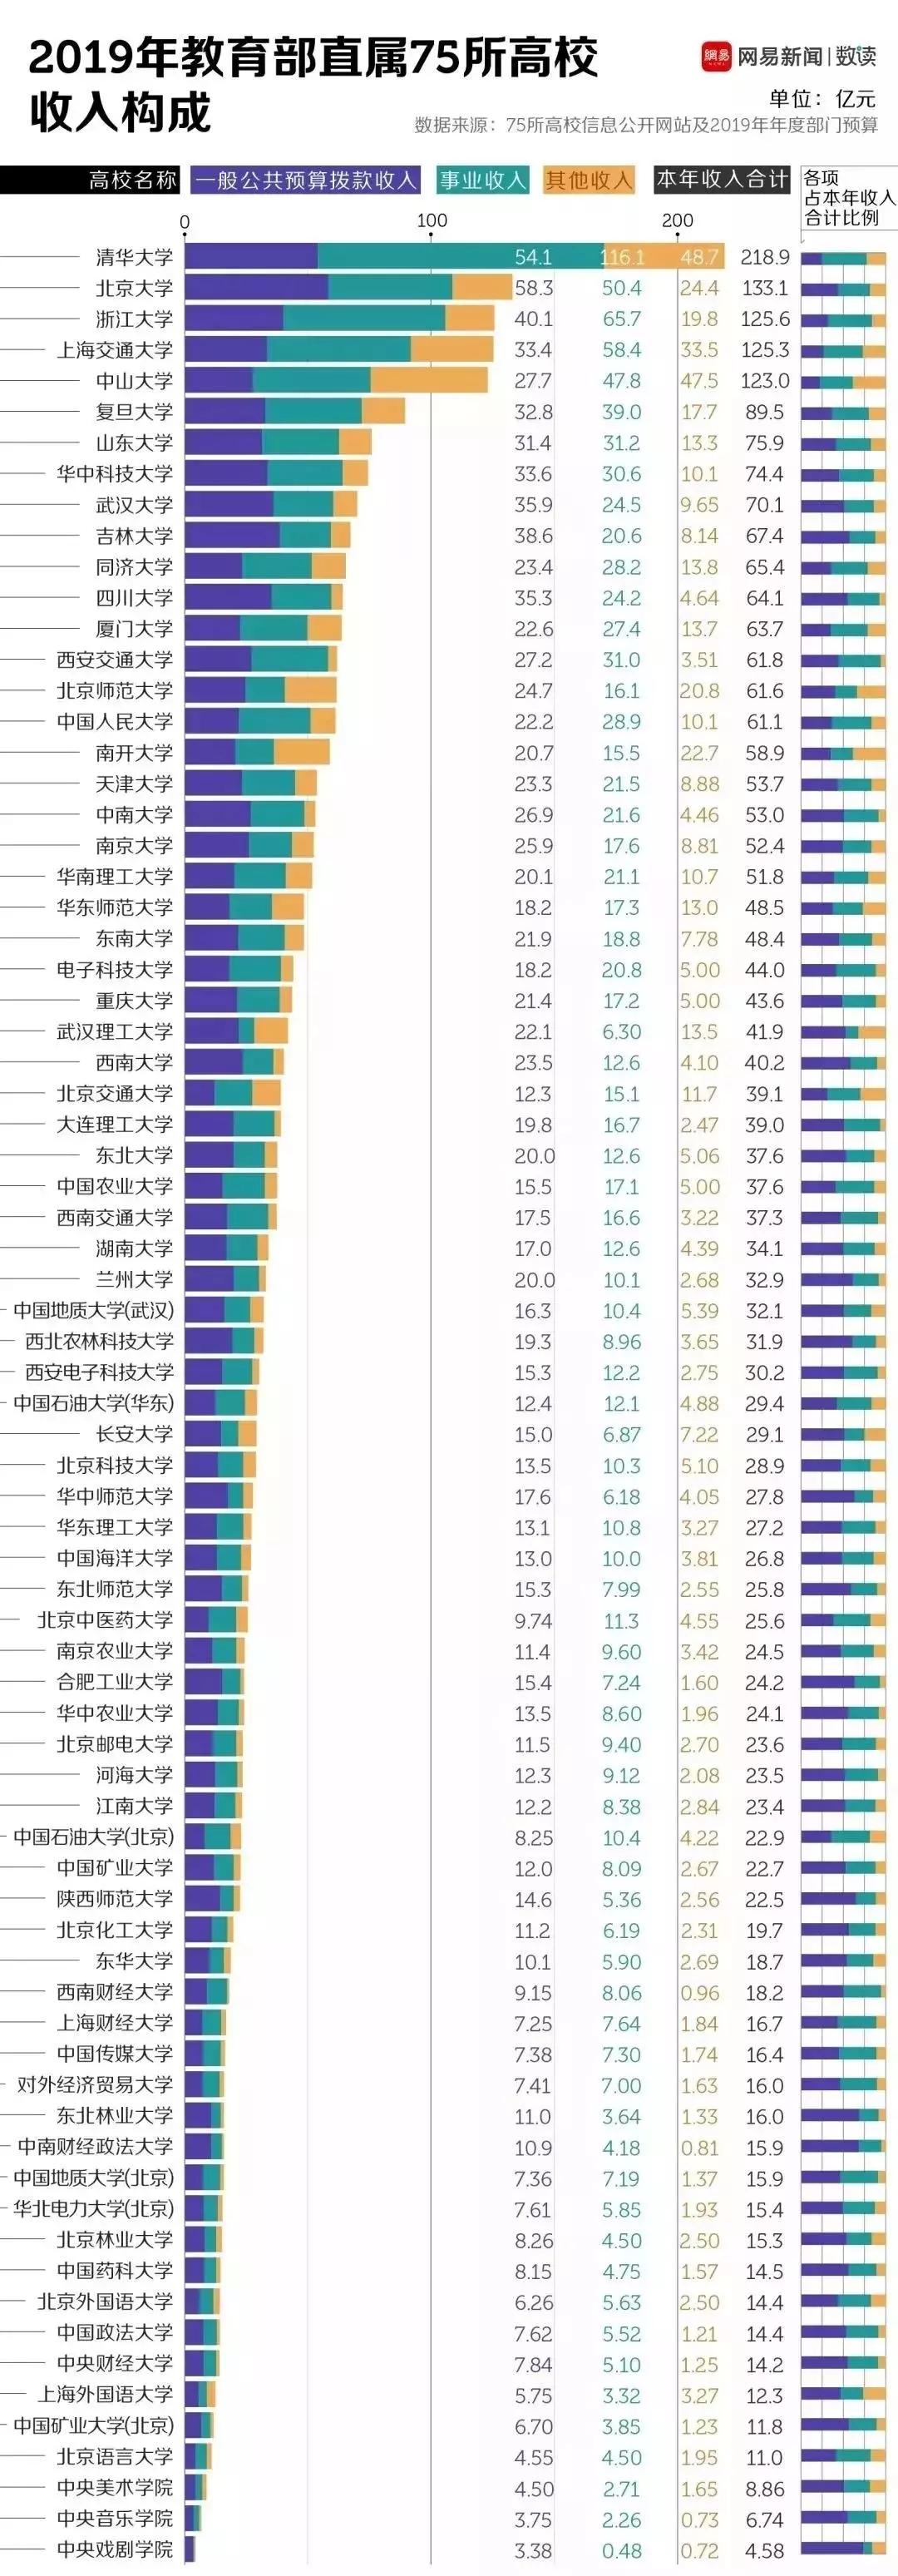 2019全国最有钱大学排行榜公布,谁才是全国最有钱大学?